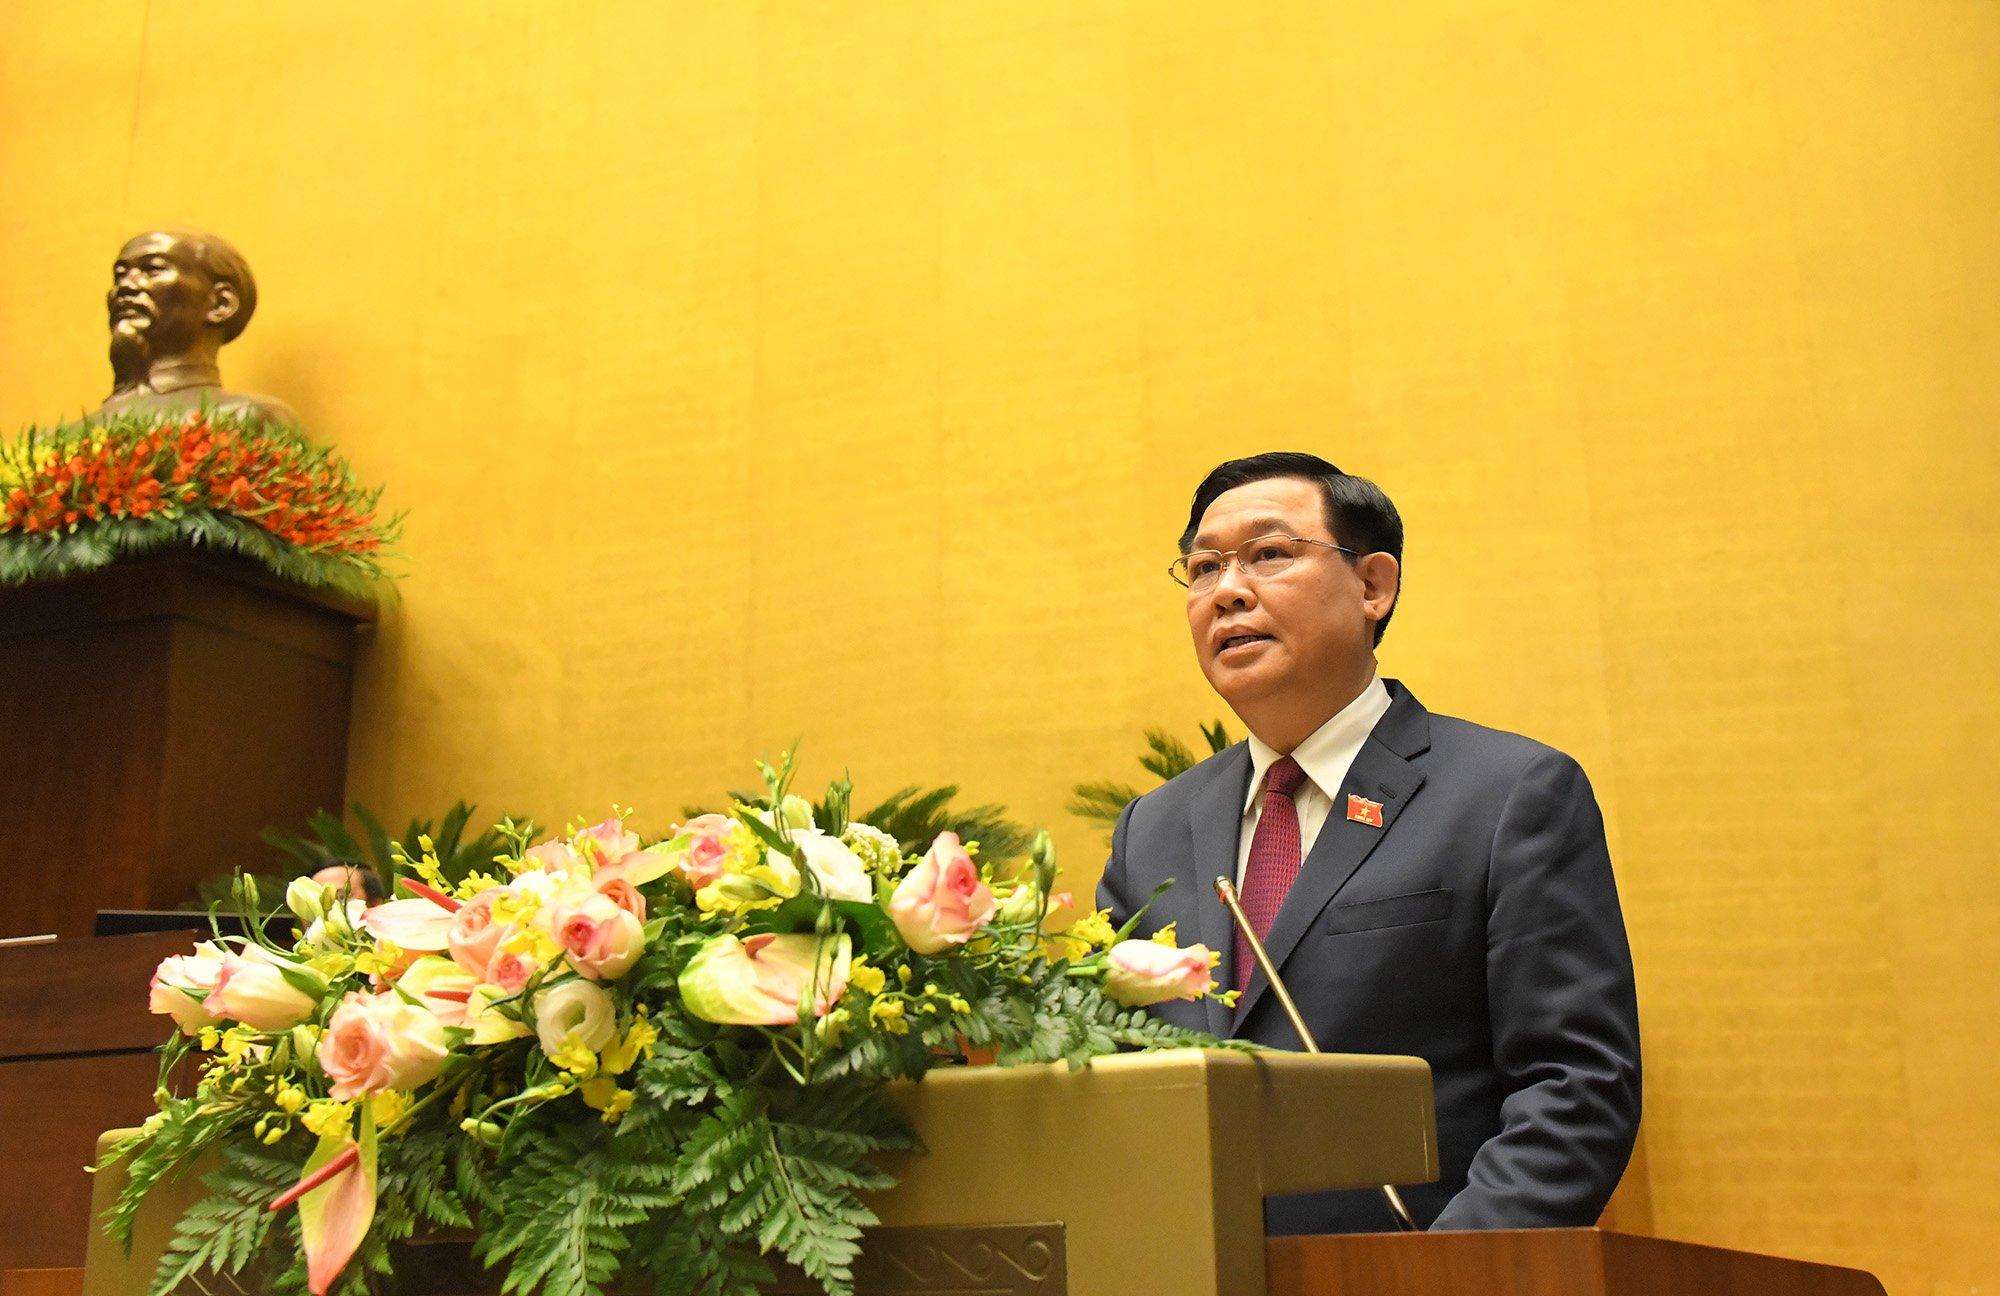 Chủ tịch Quốc hội Vương Đình Huệ phát biểu bế mạc kỳ họp